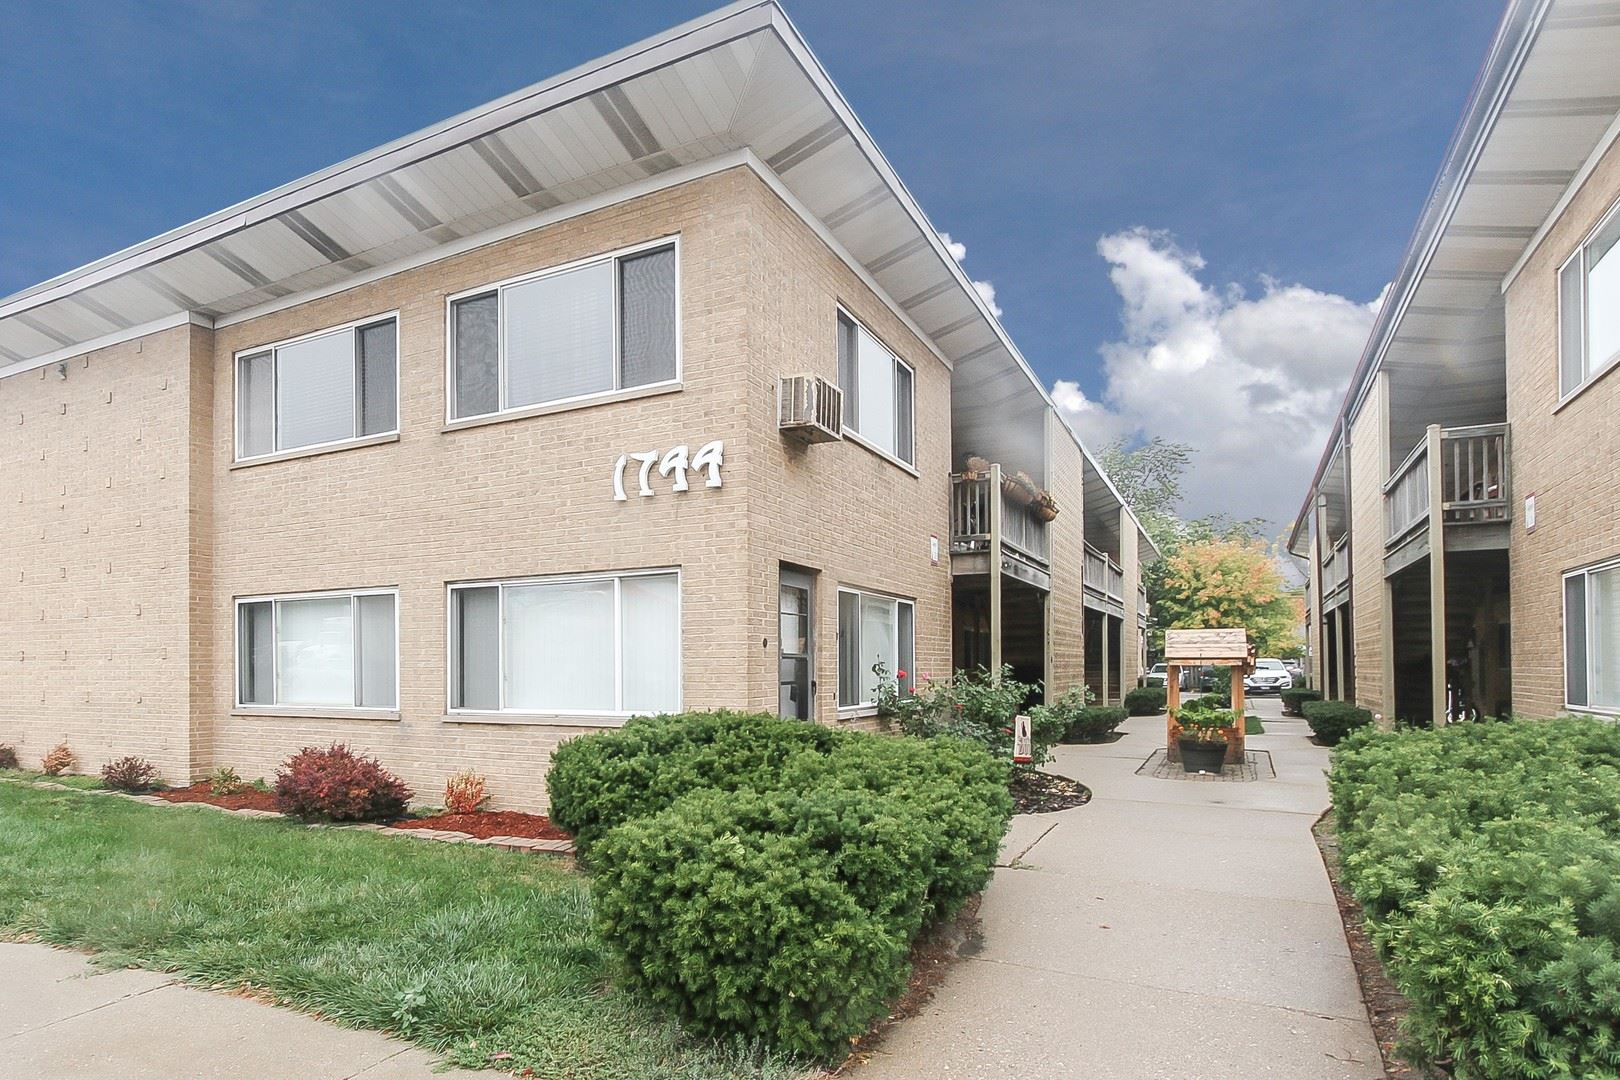 1744 E Oakton Street #105-P3, Des Plaines, IL 60018 - #: 11101406